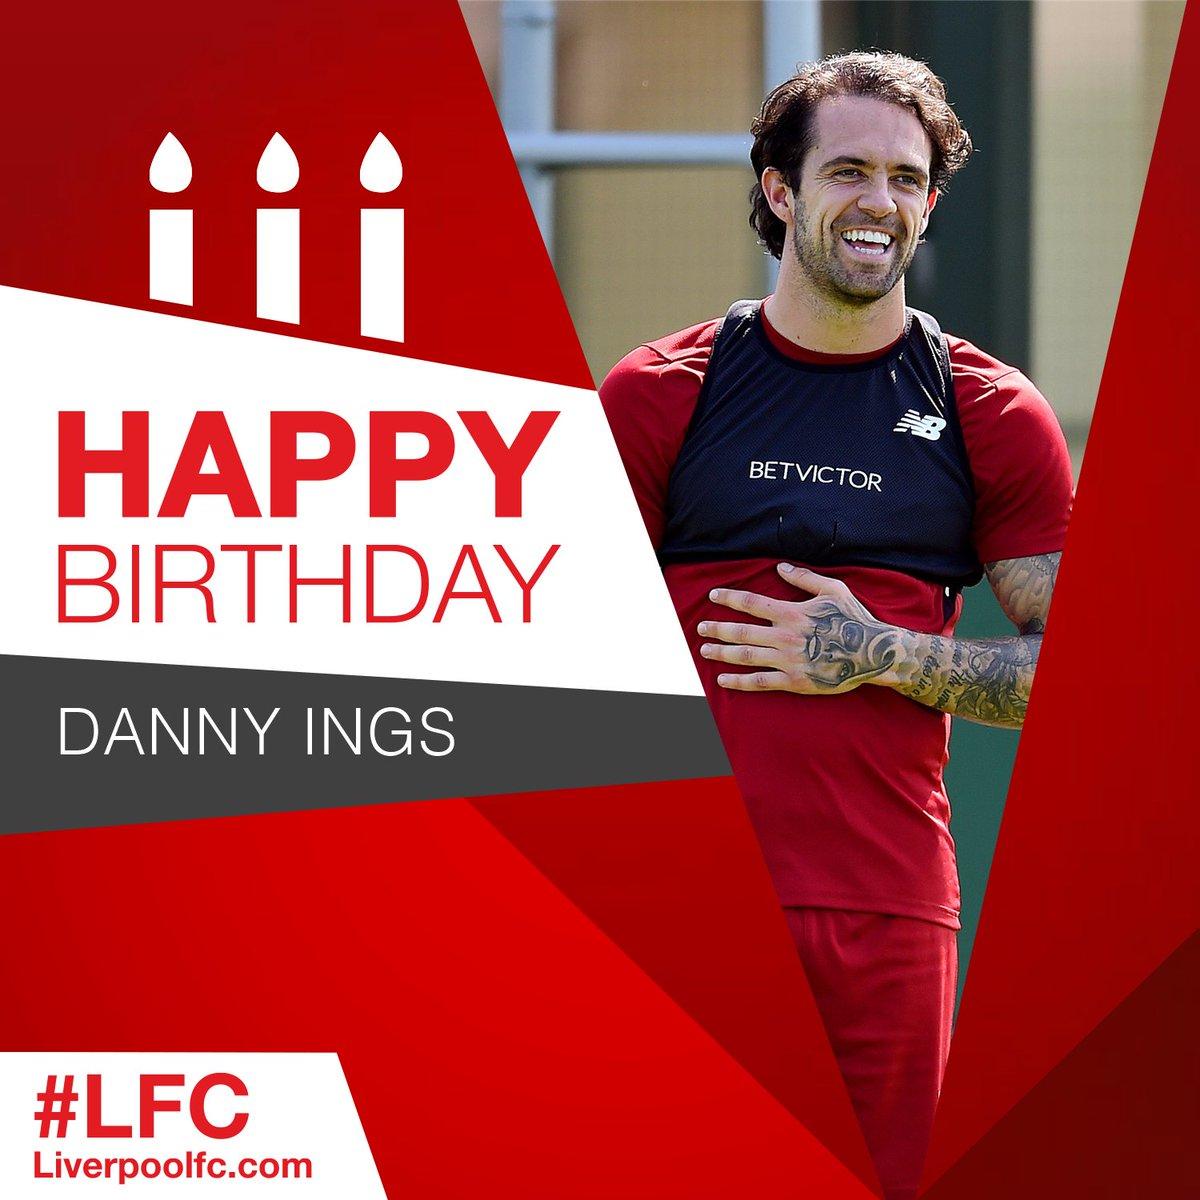 Happy birthday, @IngsDanny! 🎂